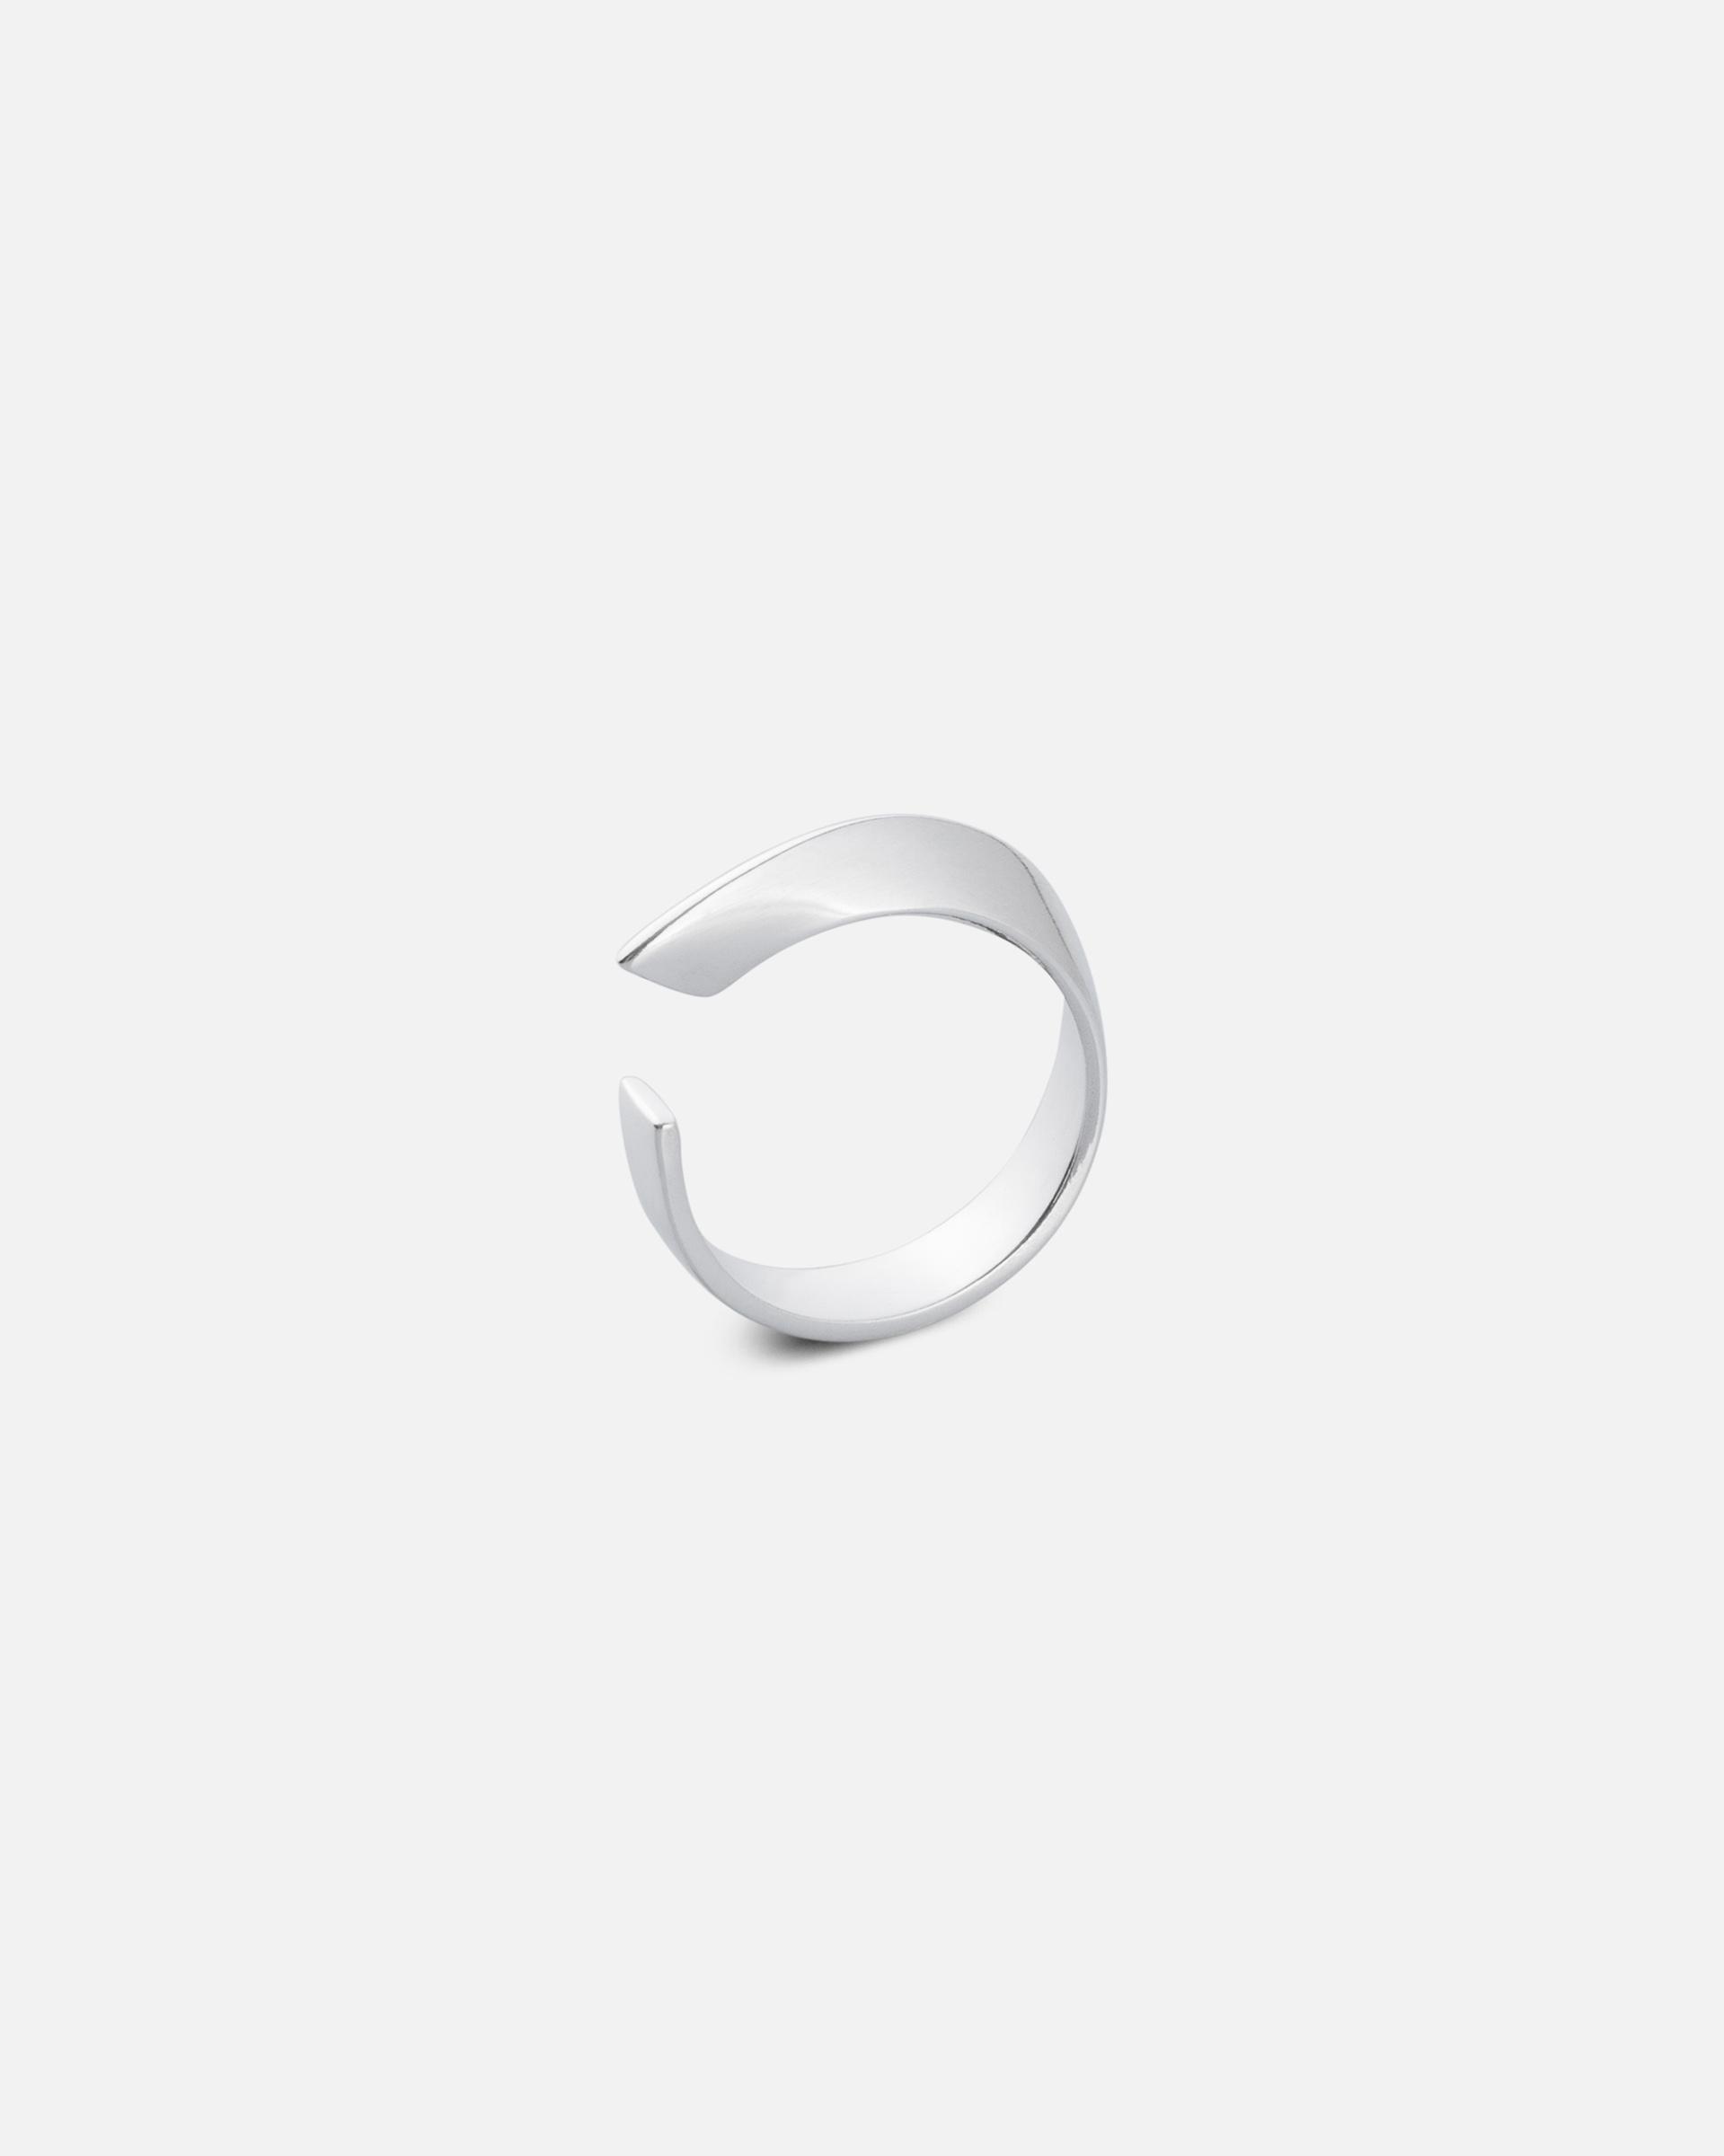 Кольцо «Эфир» смотрящее в левую сторону